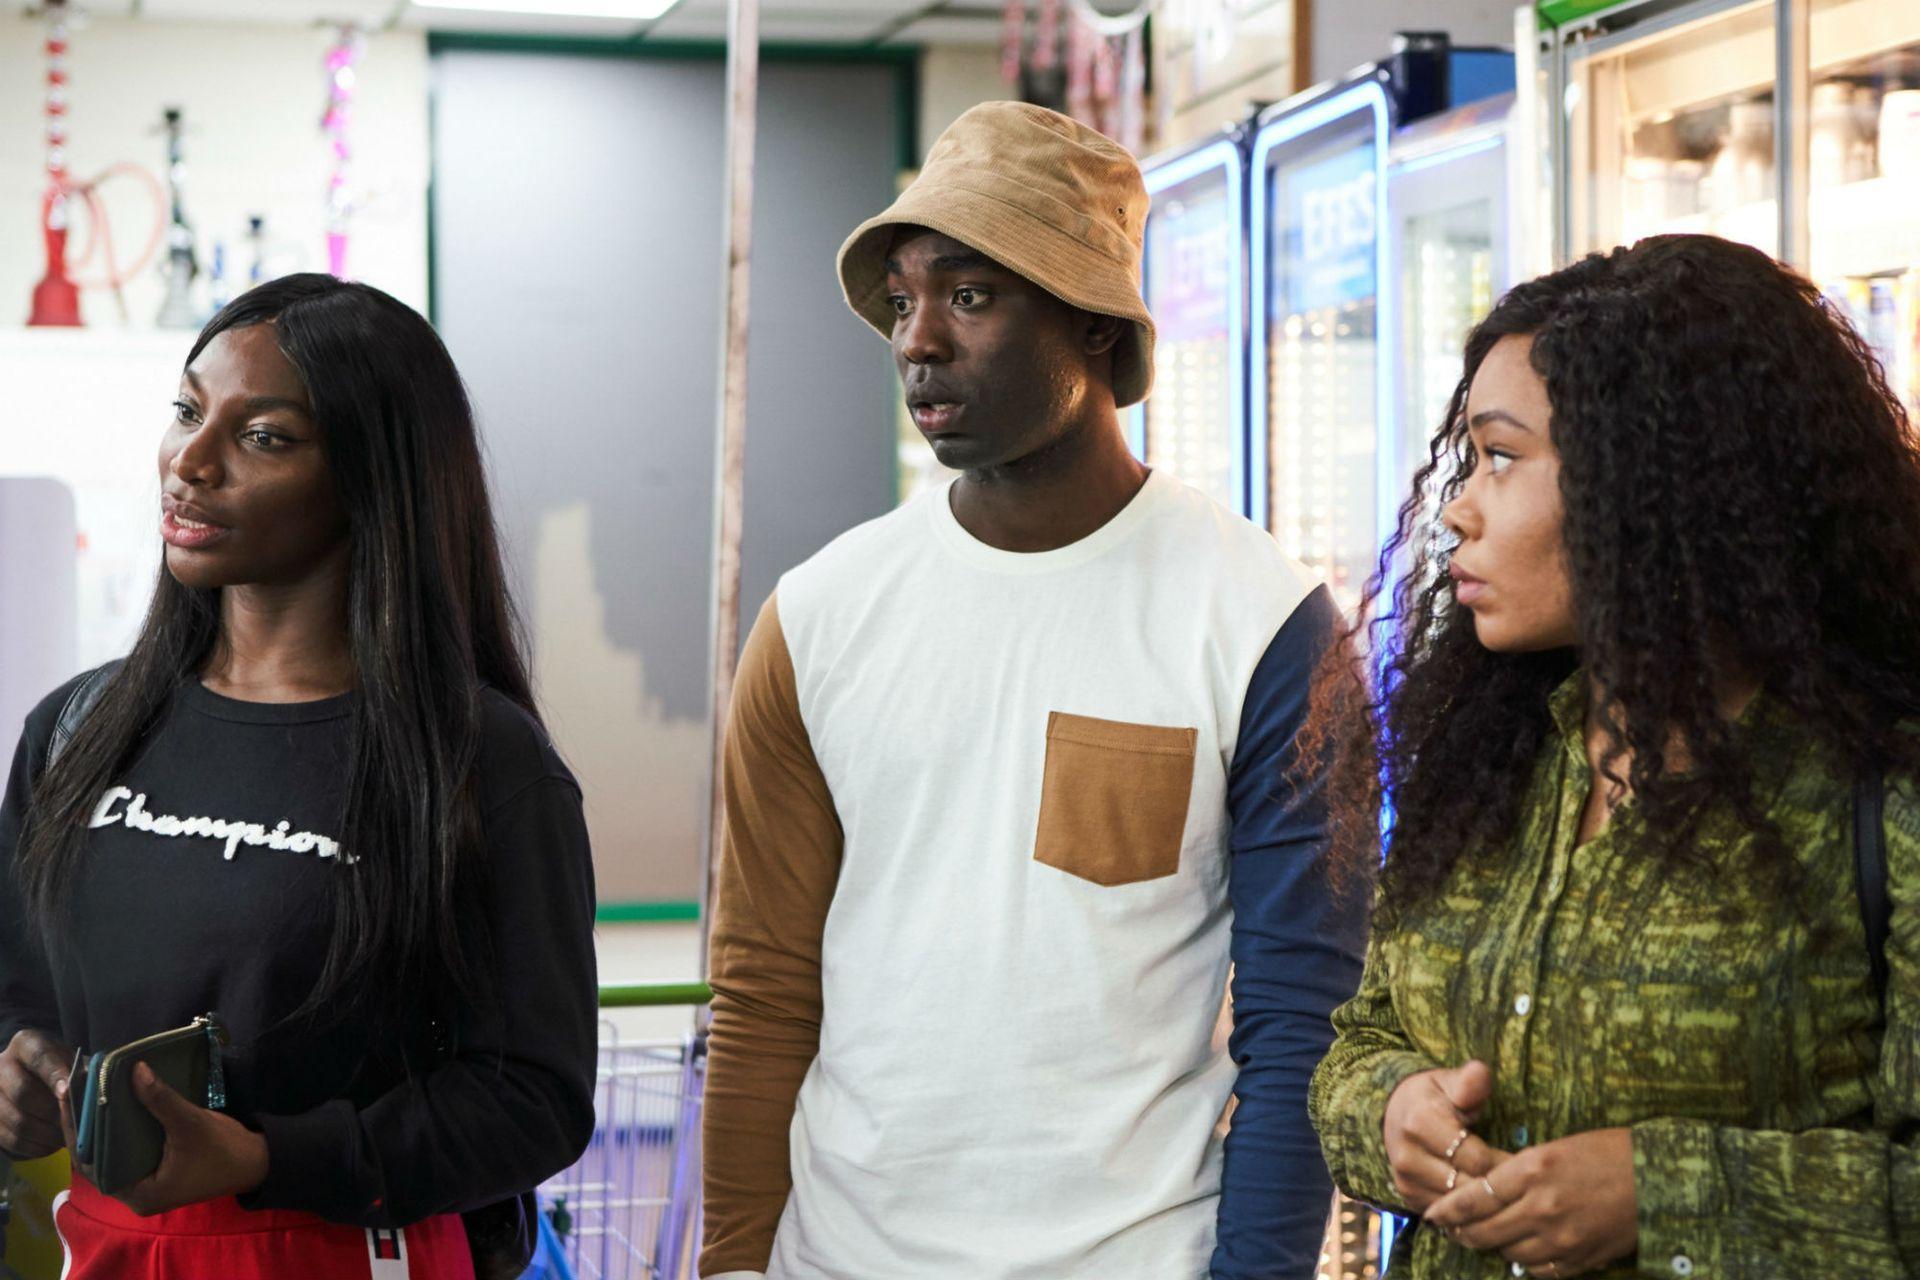 Coel junto a los actores Paapa Essiedu y Weruche Opia, los amigos de Arabella en la serie